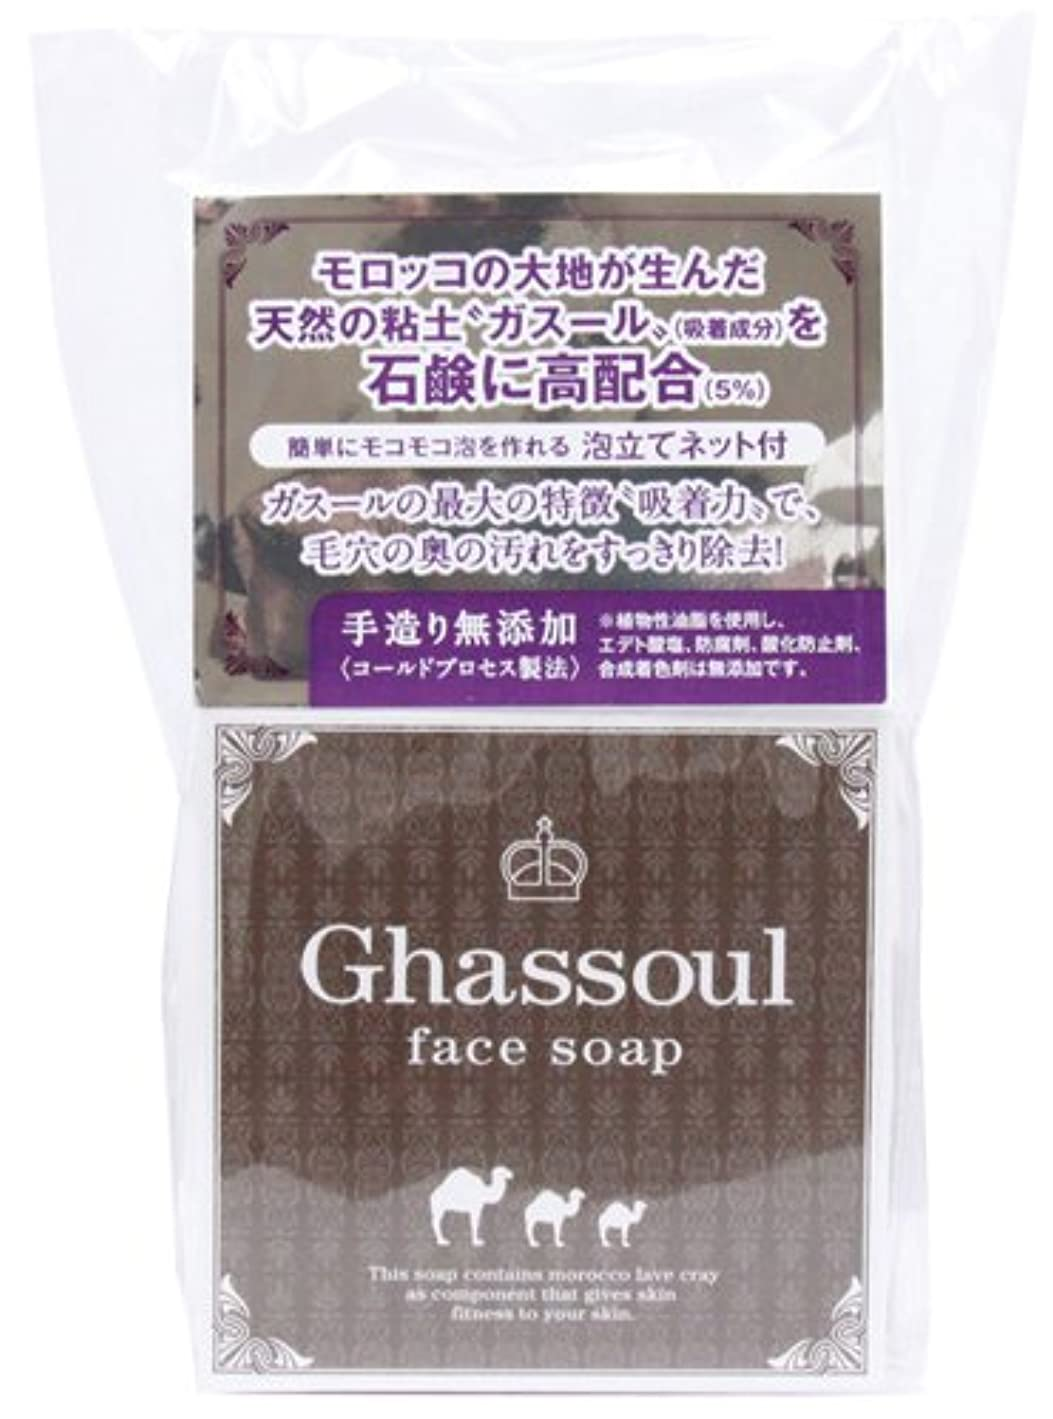 絶望センターピースGhassoul face soap ガスールフェイスソープ 100g